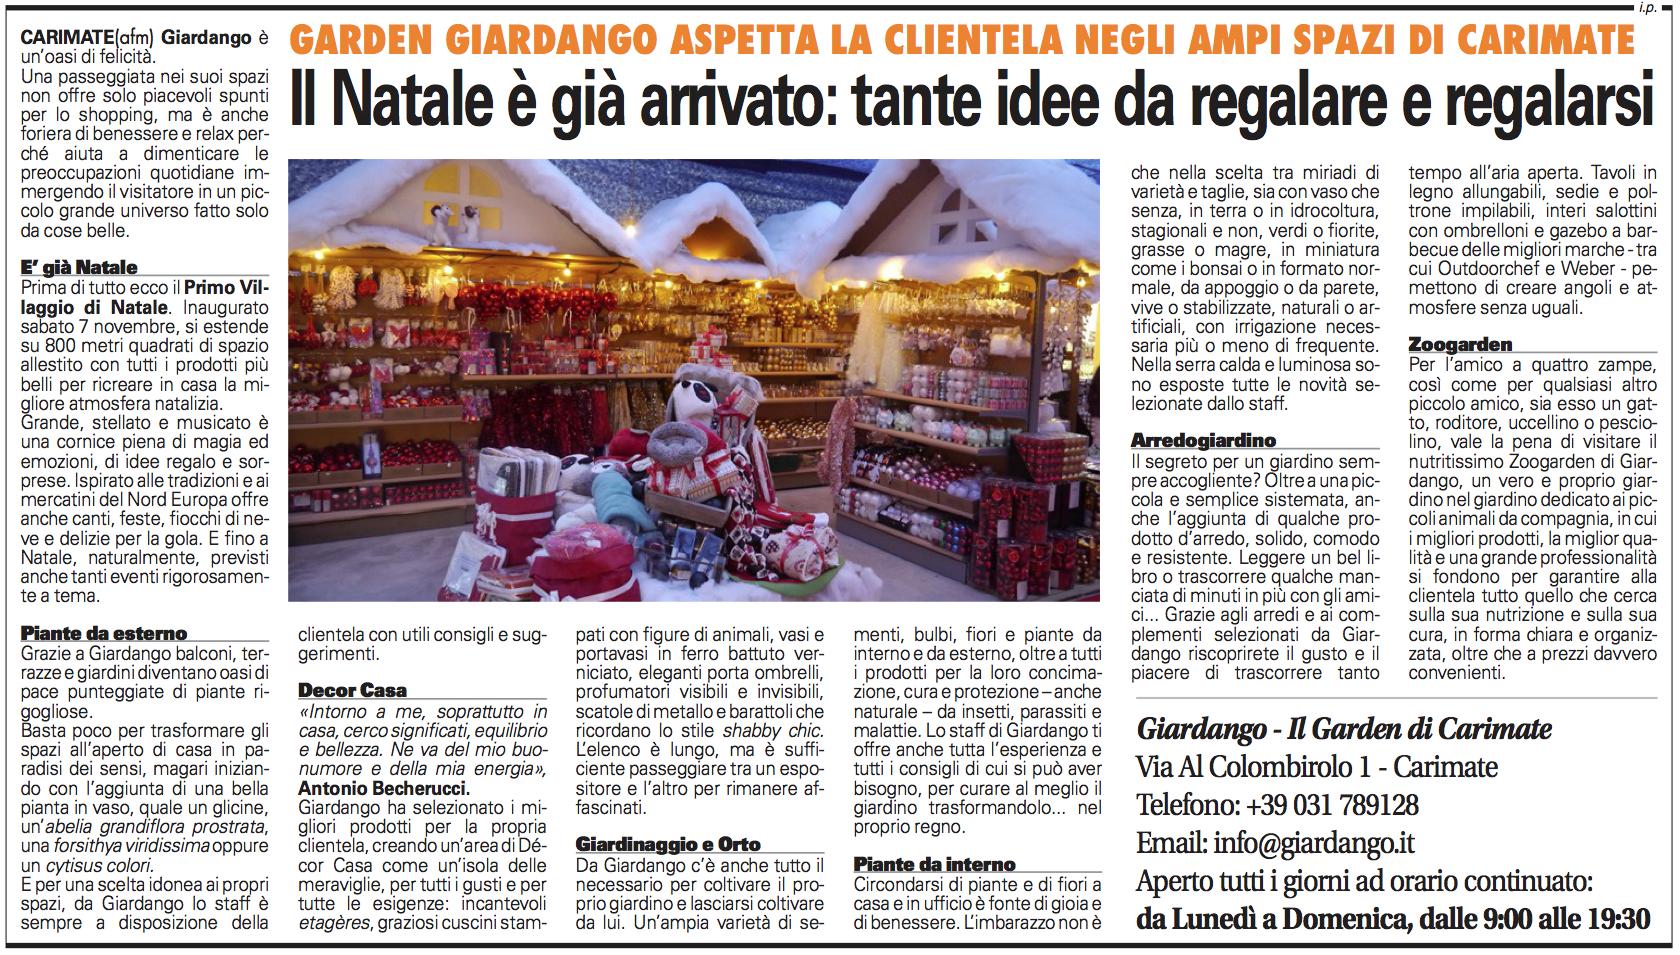 Villaggio di Natale Giornale di Seregno